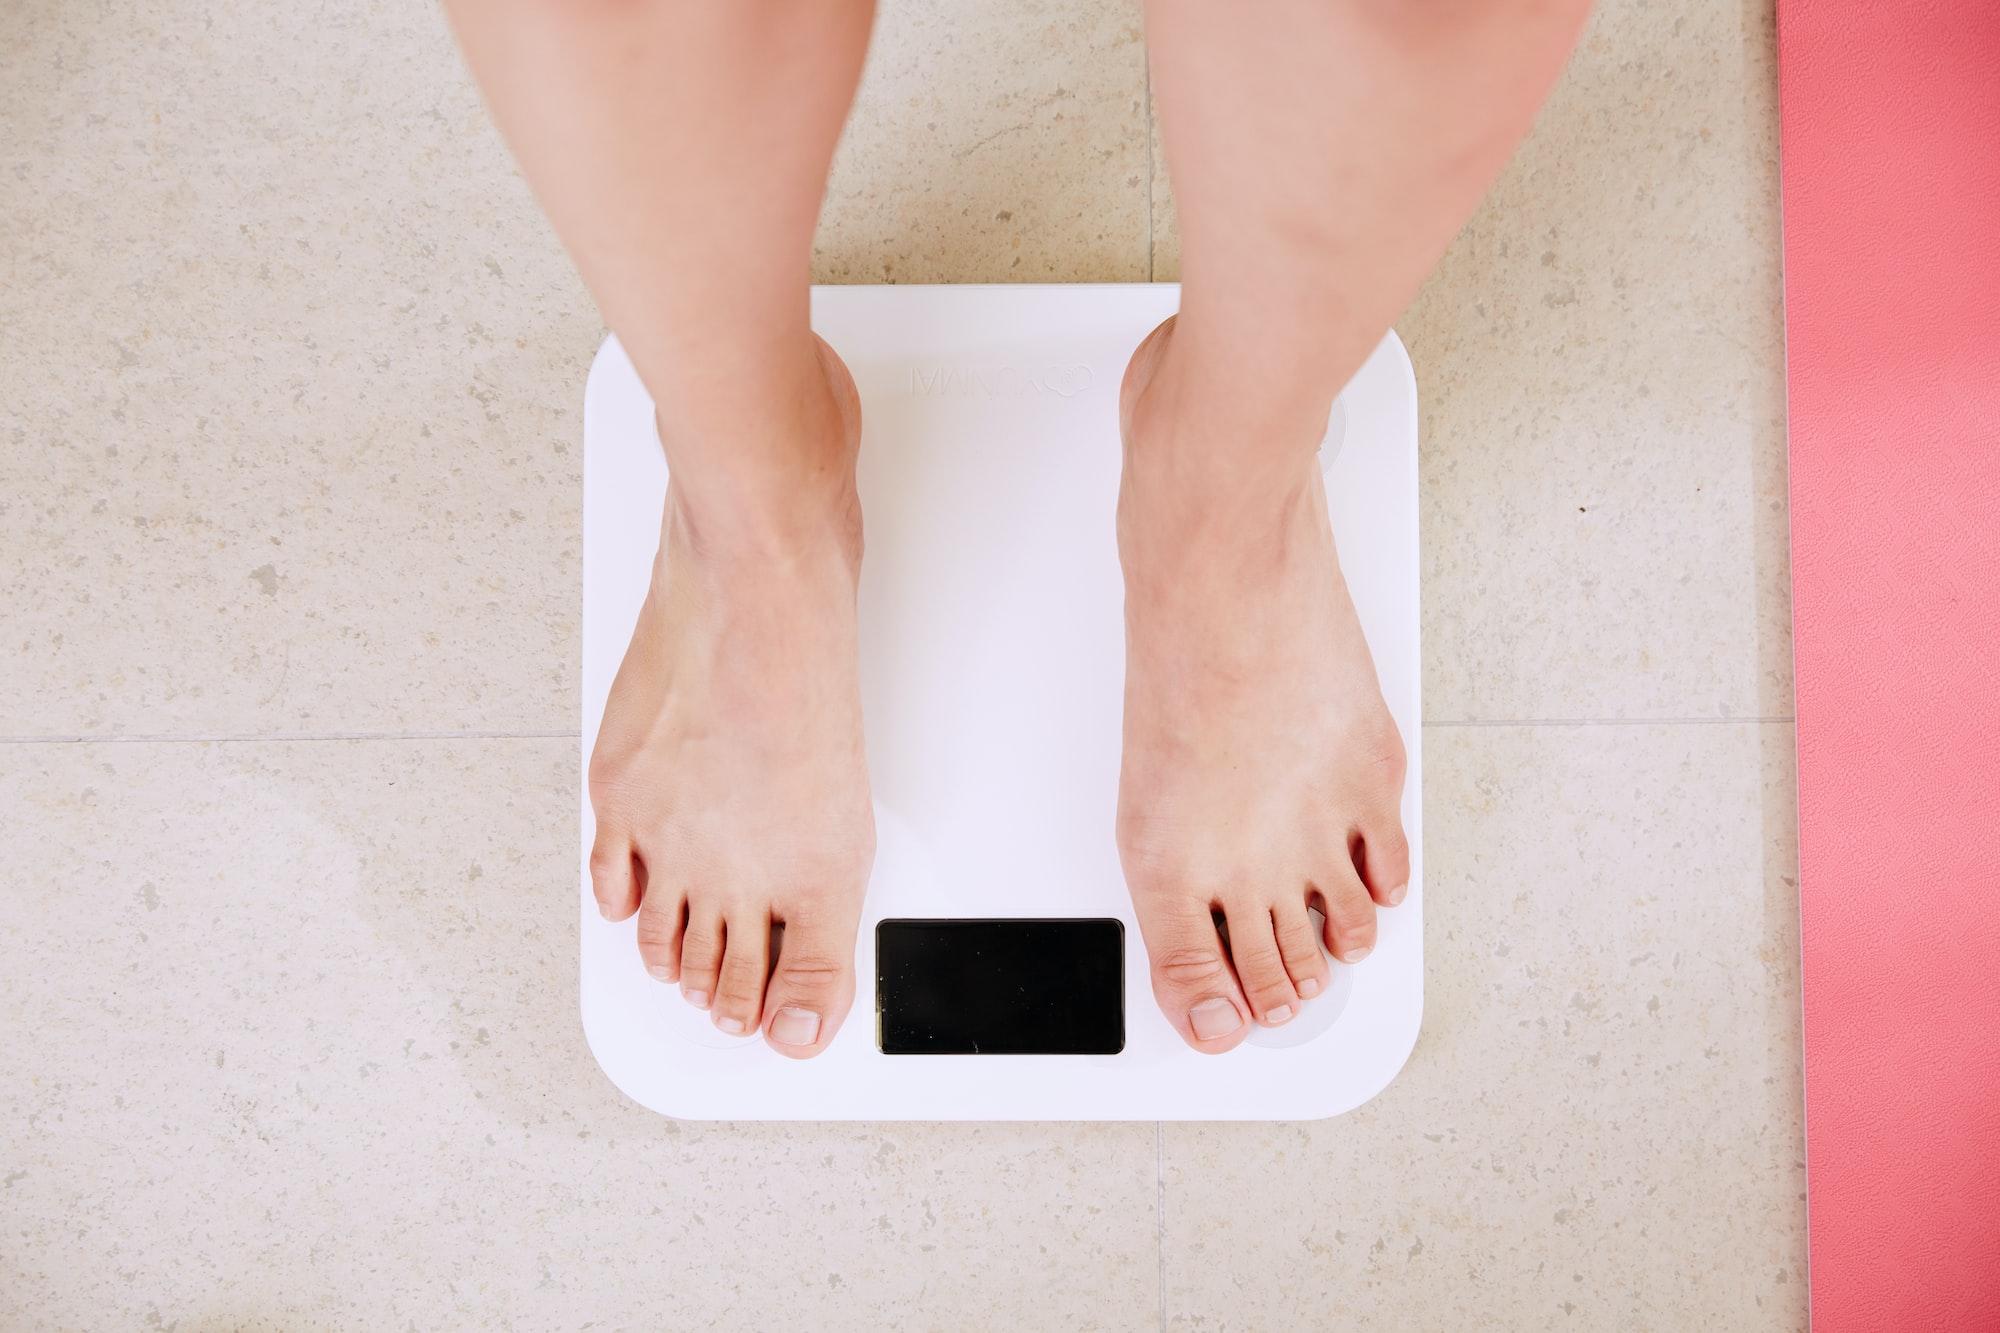 nu pot slăbi la 50 de ani strategii eficiente de pierdere în greutate